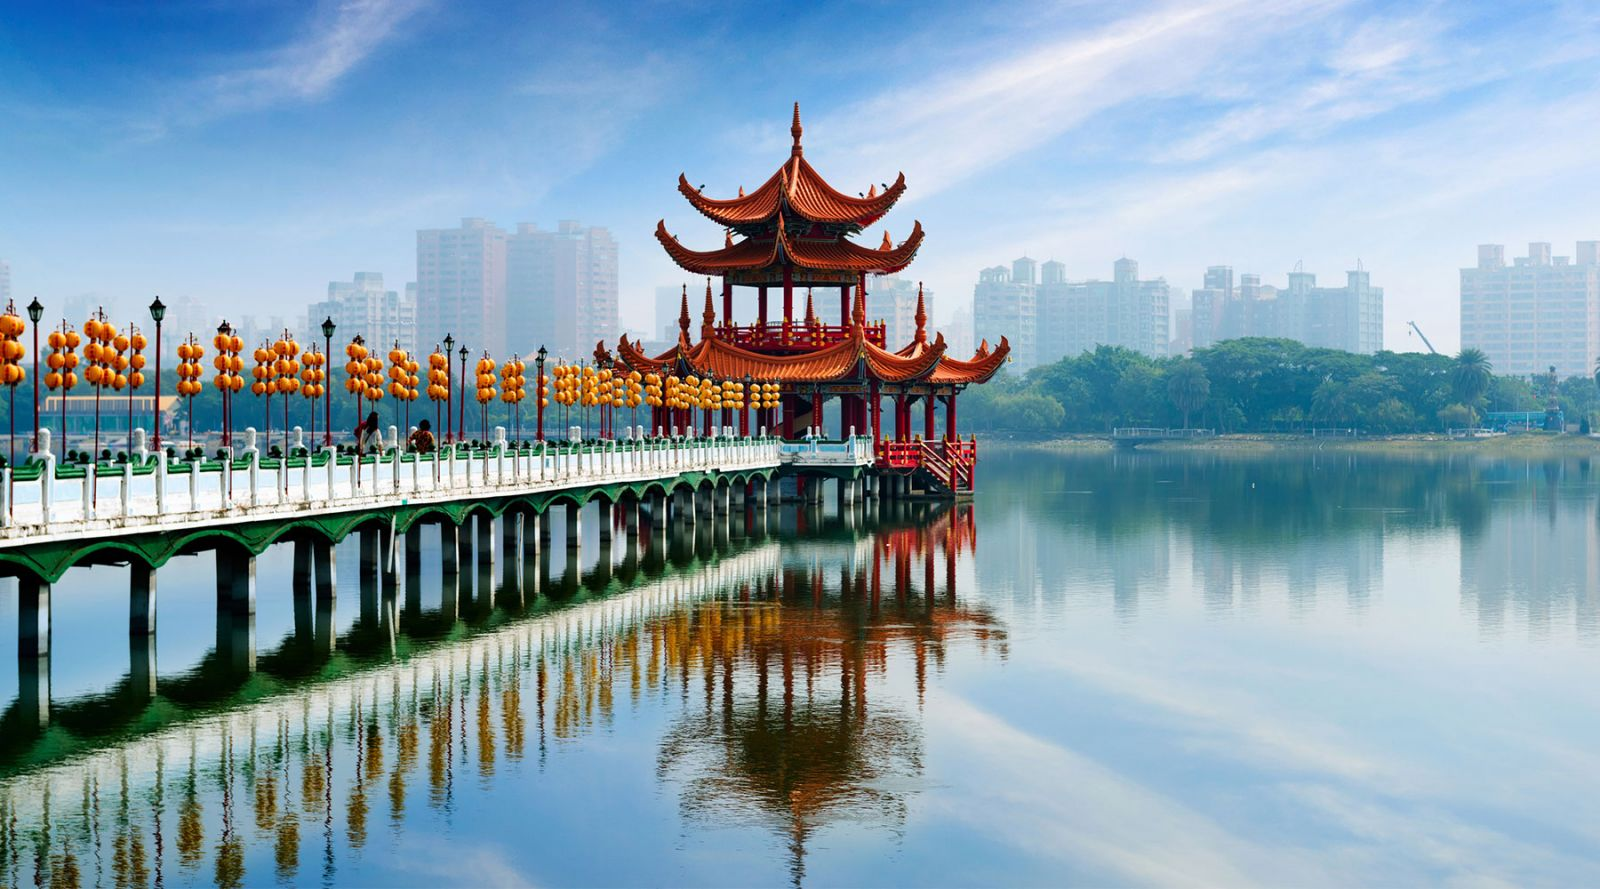 Gửi quà tặng bưu phẩm qua Đài Loan đảm bảo uy tín, nhanh chóng